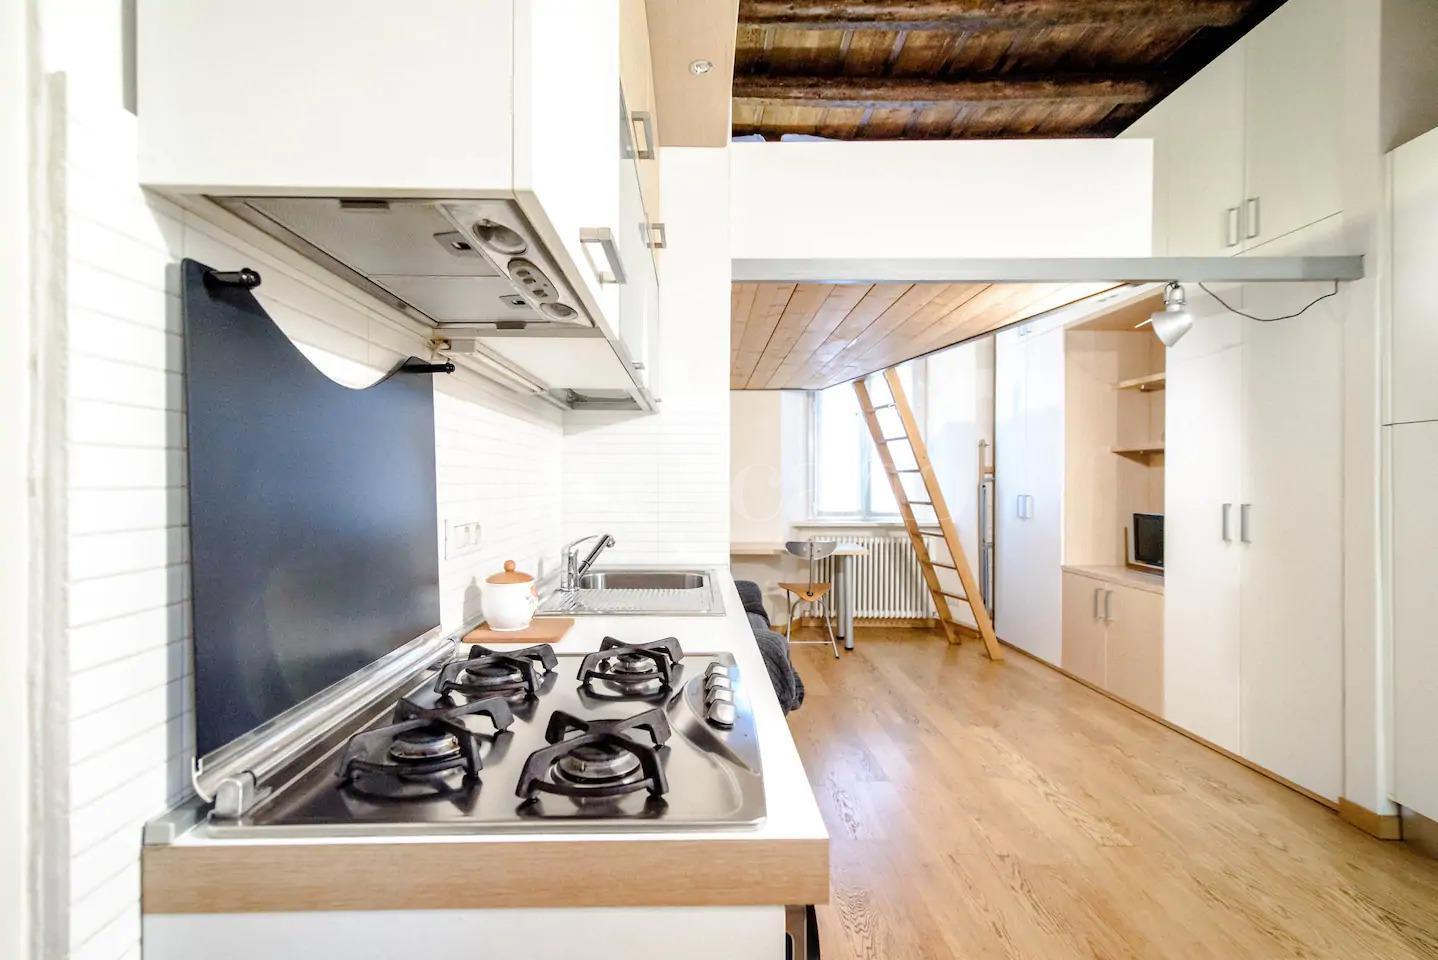 Ristrutturare Appartamento 35 Mq vendita casa a como in via lambertenghi, città murata 144